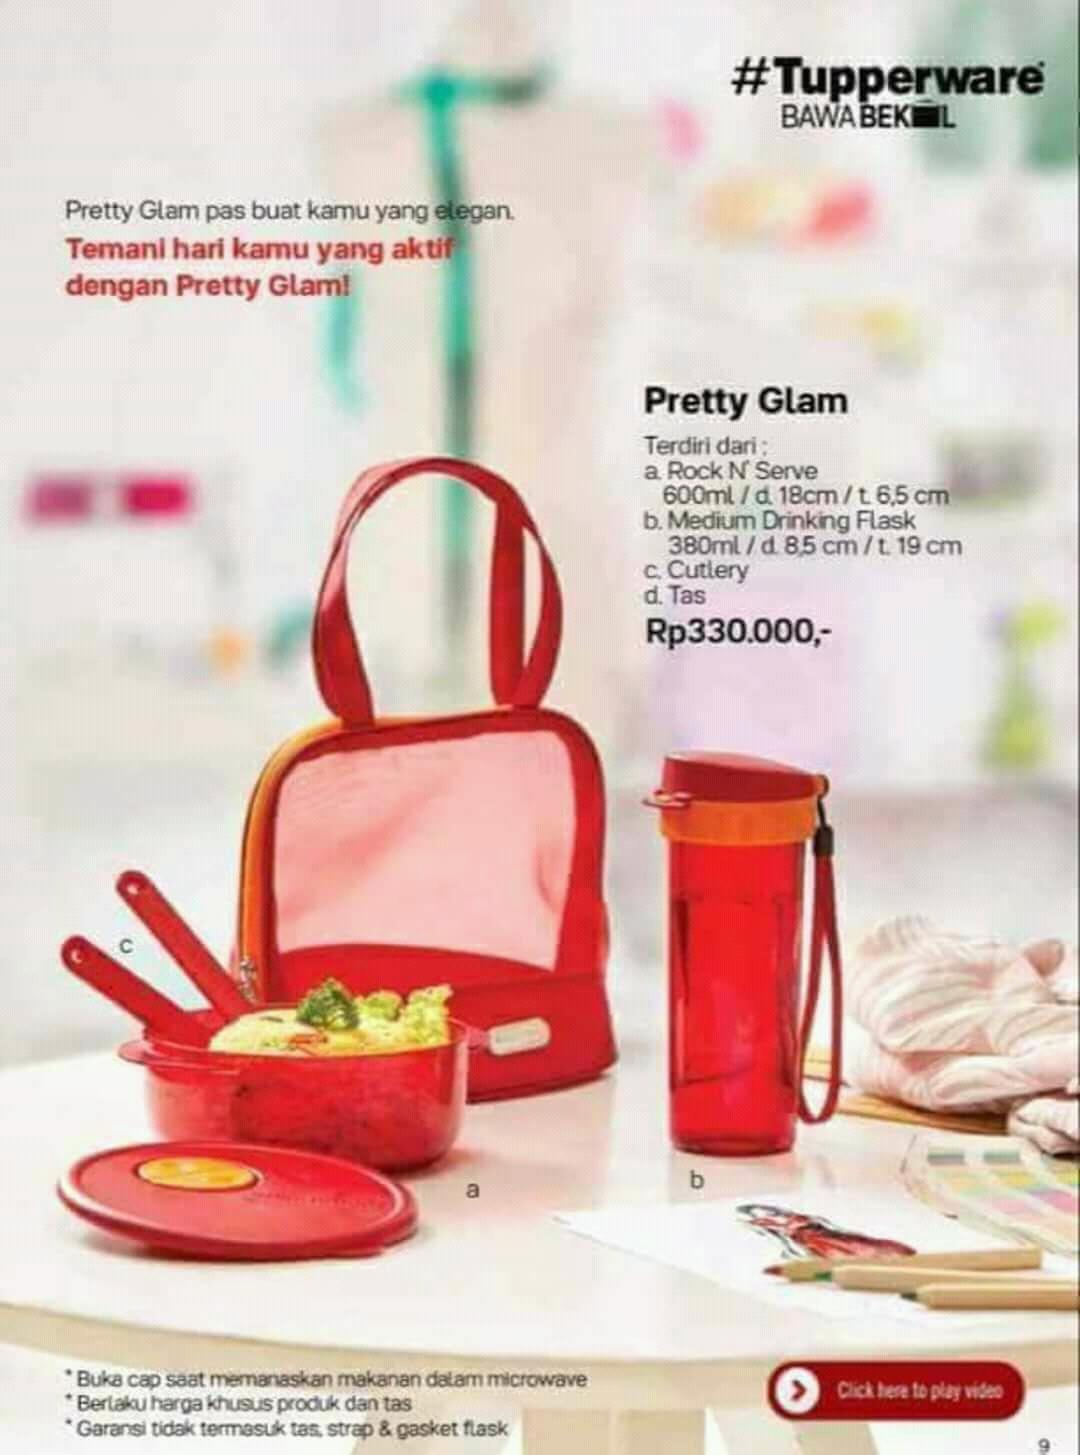 Tupperware Pretty Glam/paket bekal/tempat makan